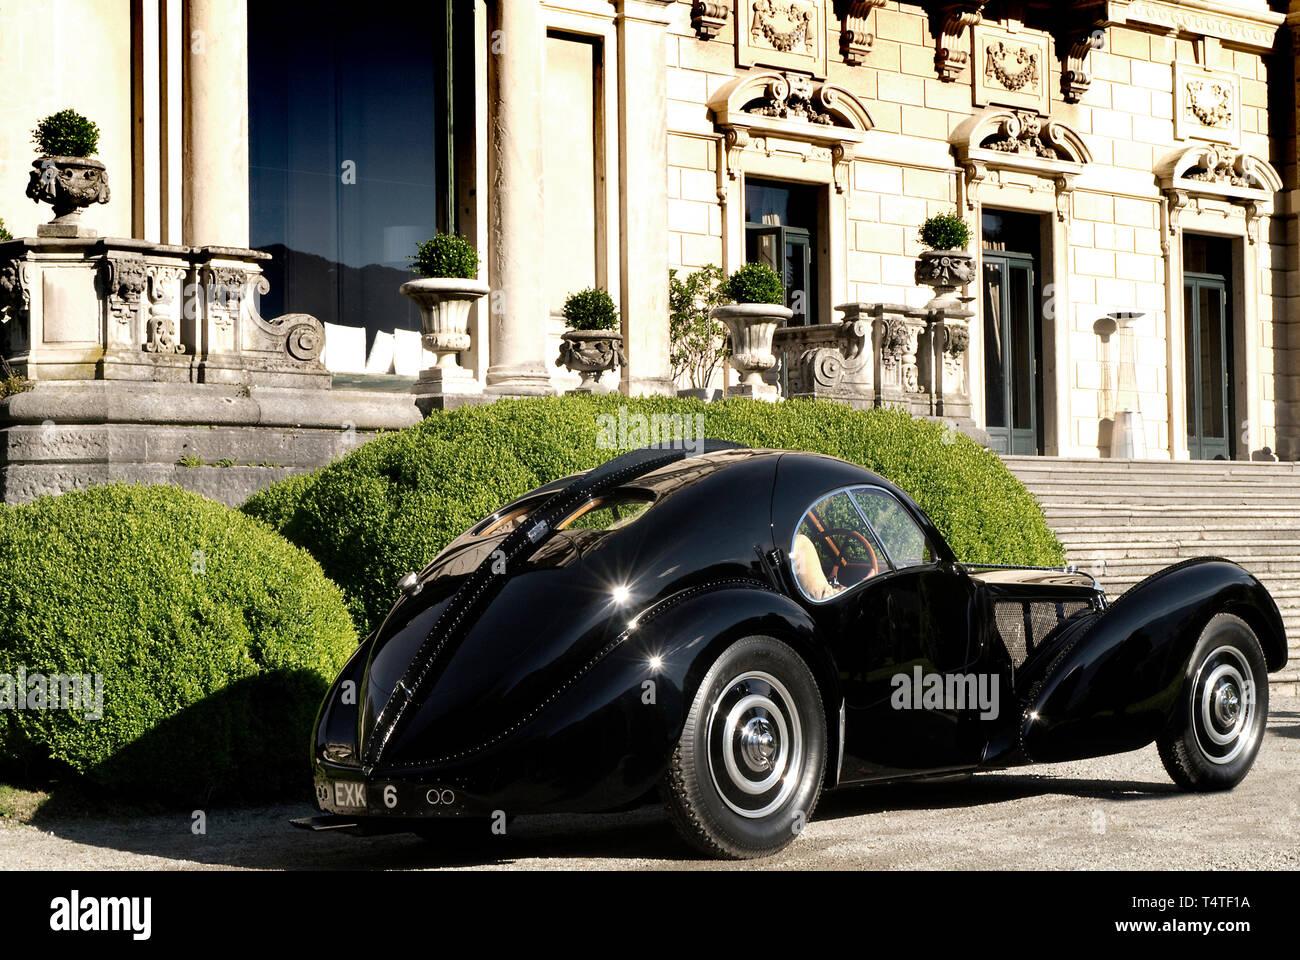 Ralph Lauren S Coppa D Oro Villa D Este Winner 26 5 13 1938 Bugatti 57sc Atlantic Stock Photo Alamy